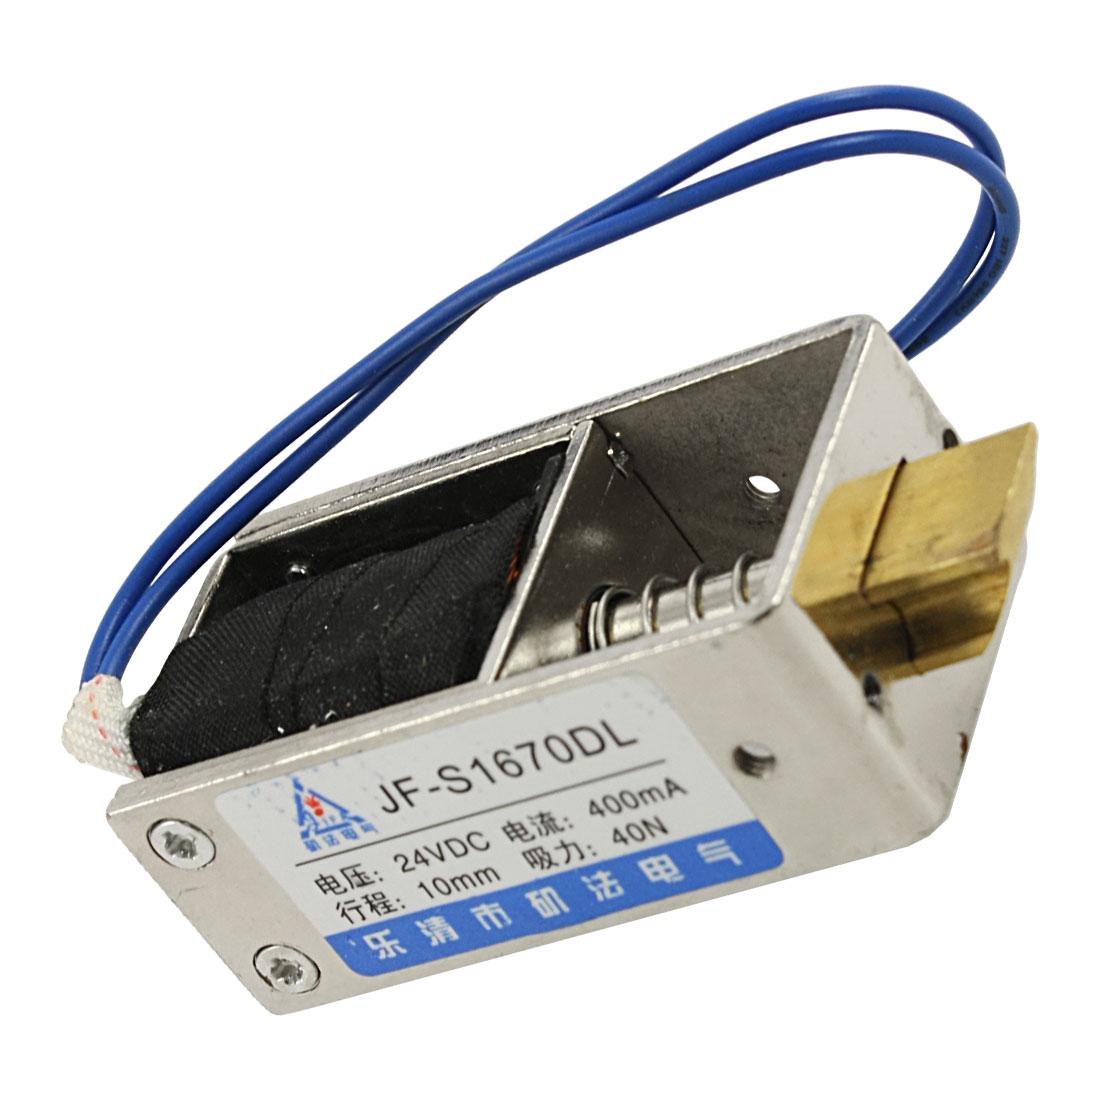 DC 24V 400mA Open Frame Electromagnet Solenoid 10mm 40N